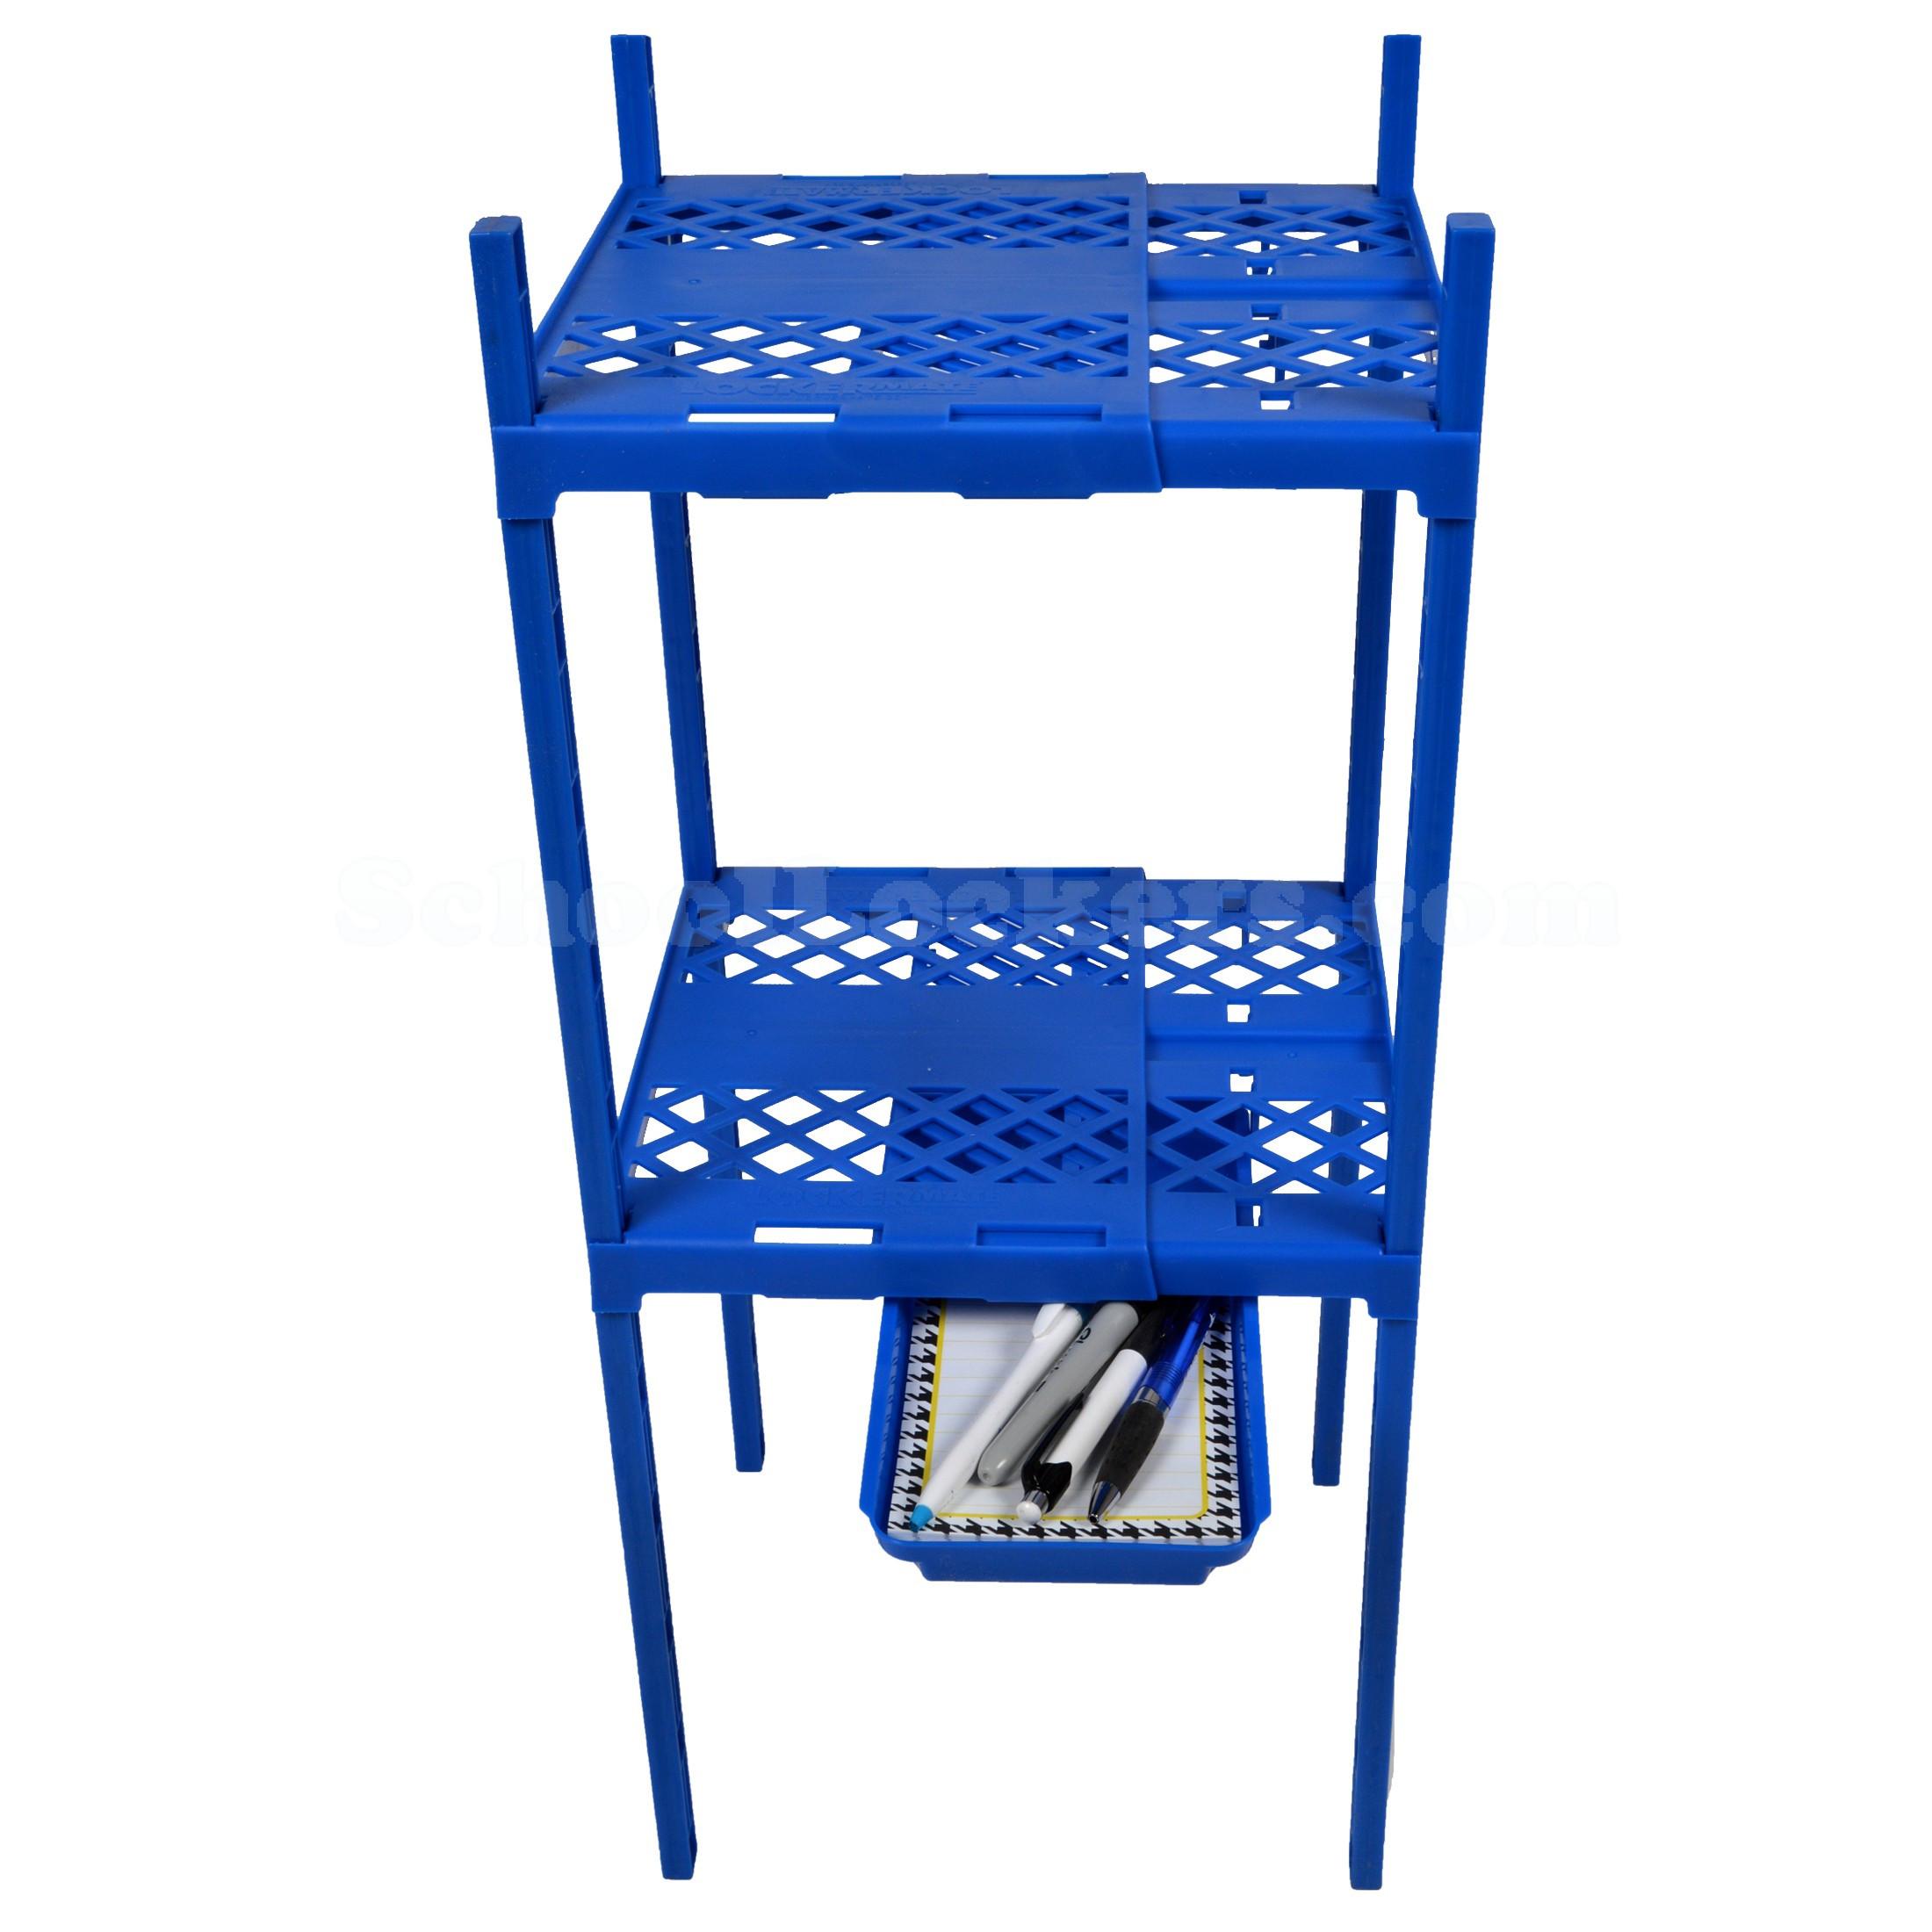 Locker Organizer Shelf  Locker Double Shelf with Tray